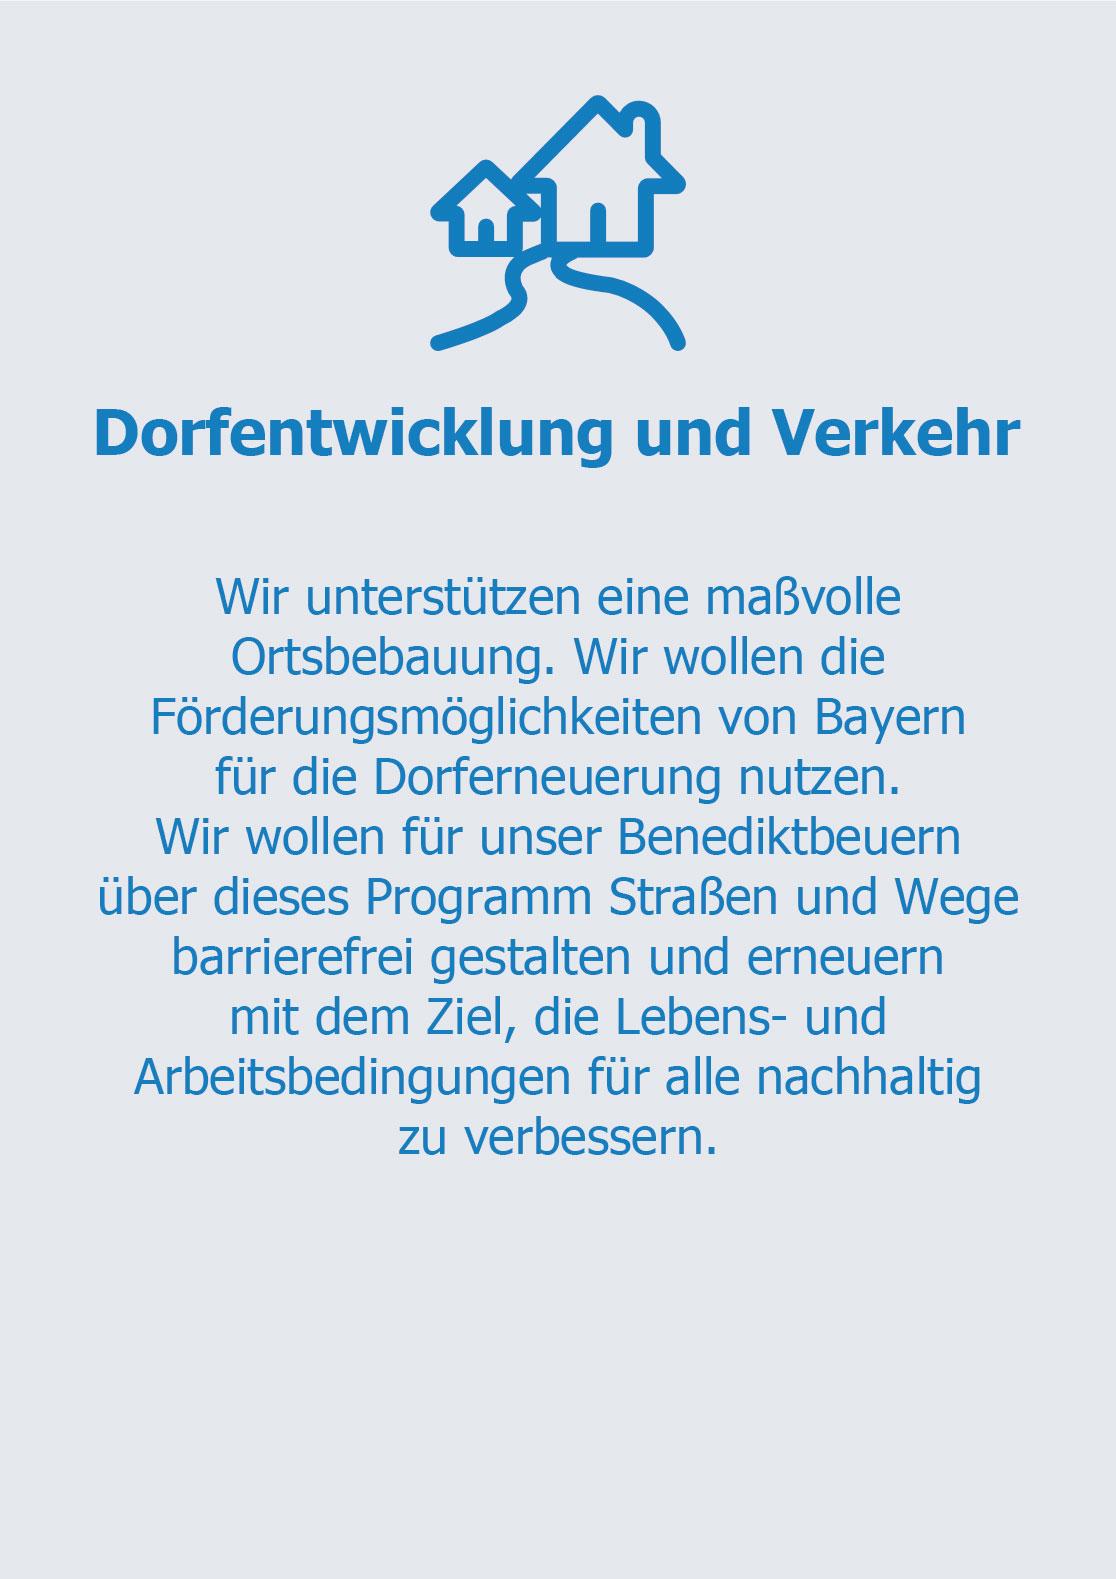 Dorfentwicklung und Verkehr  Wir unterstützen eine maßvolle Ortsbebauung. Wir wollen die Förderungsmöglichkeiten von Bayern für die Dorferneuerung  nutzen.  Wir wollen für unser Benediktbeuern über dieses Programm  Straßen und Wege barrierefrei gestalten und erneuern mit dem Ziel, die Lebens- und Arbeitsbedingungen für alle nachhaltig zu verbessern.